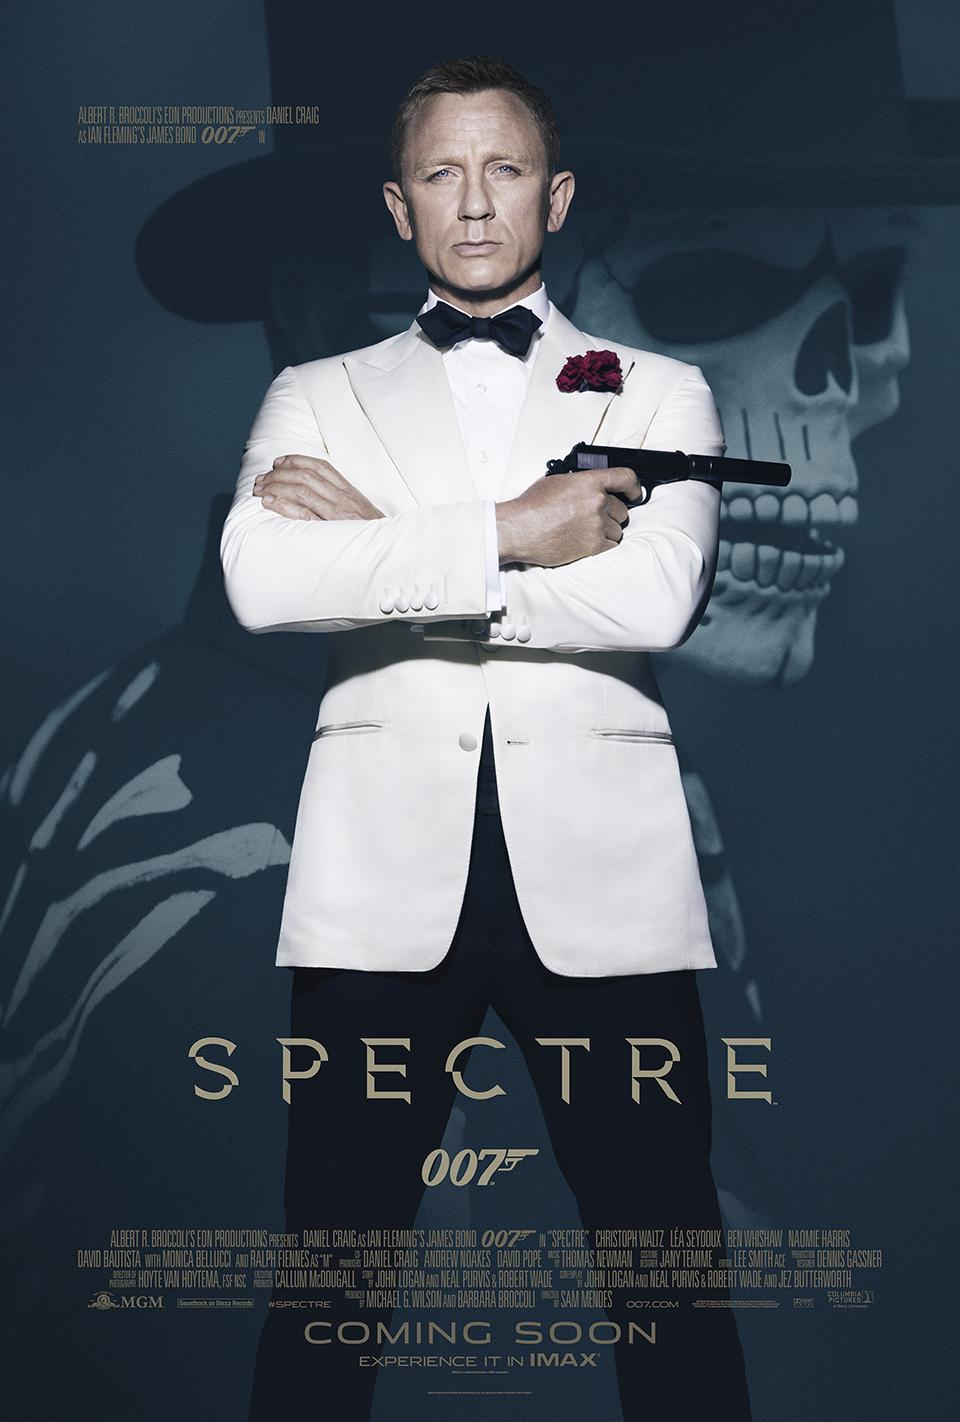 spectre-poster2-whitetux.jpg